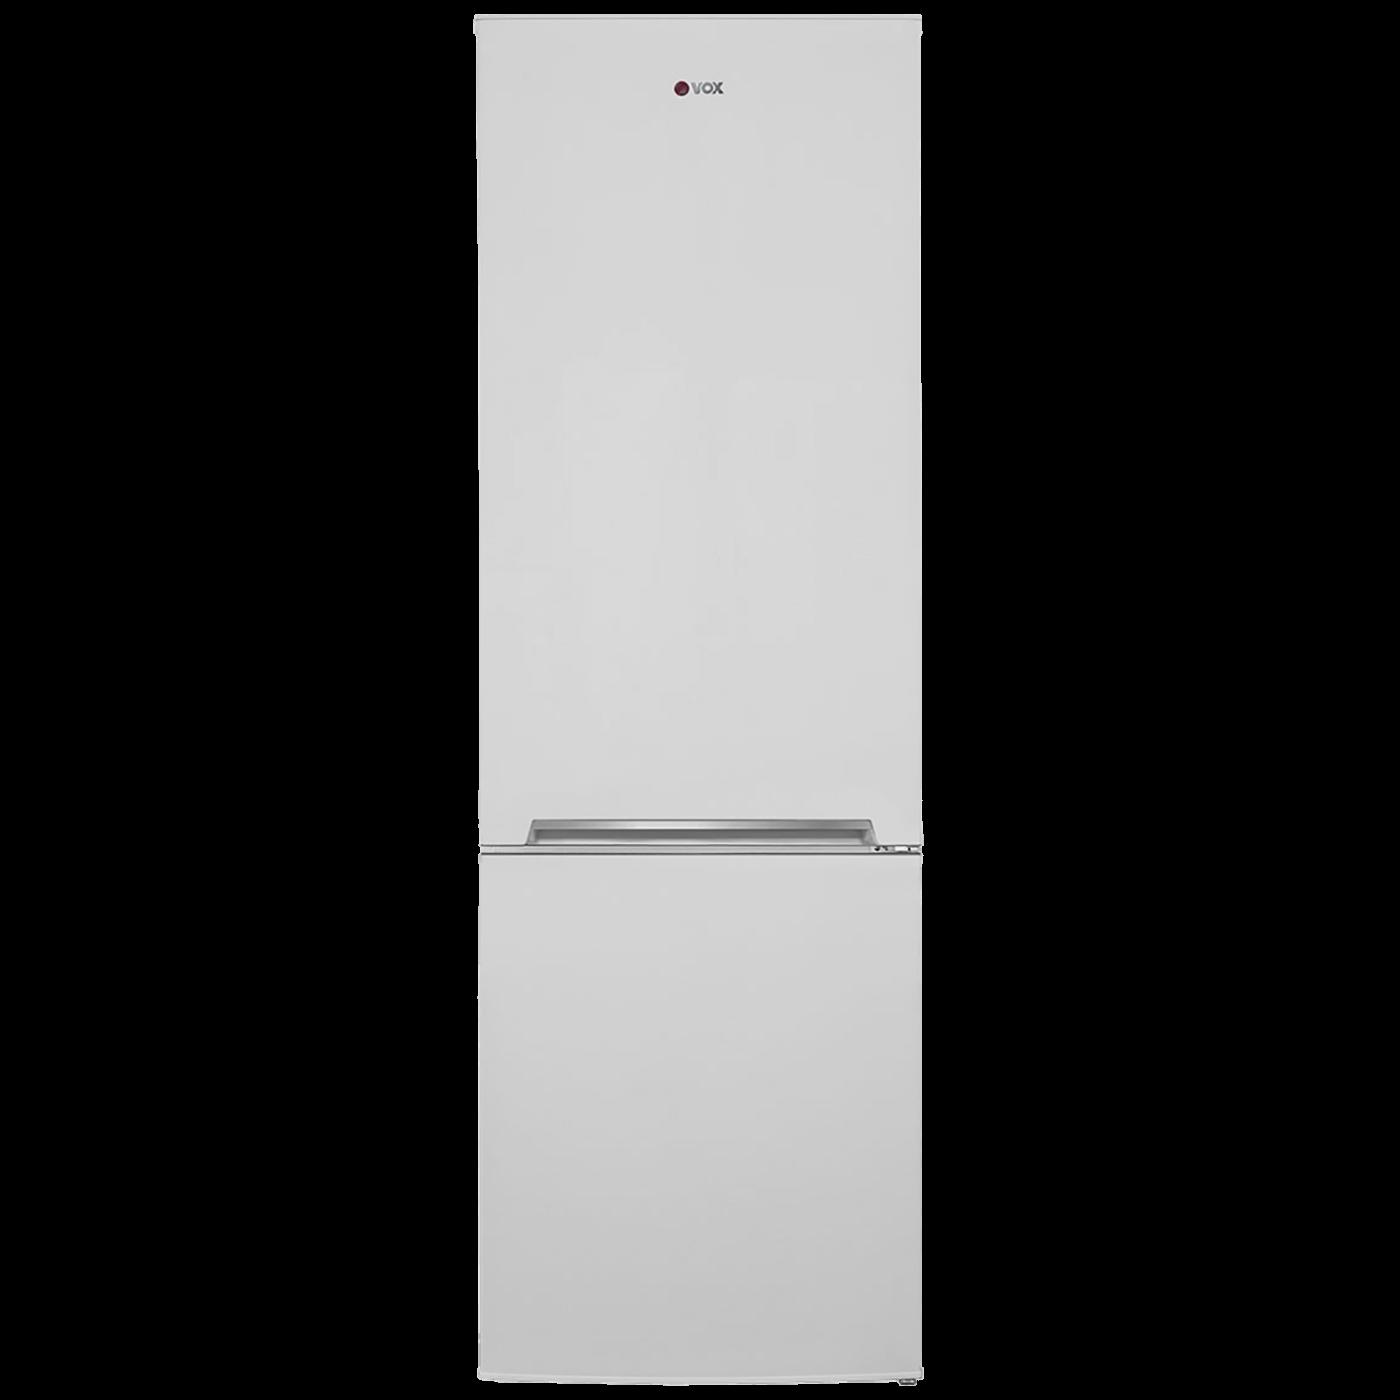 Frižider/zamrzivač, neto zapremina 288 lit., F